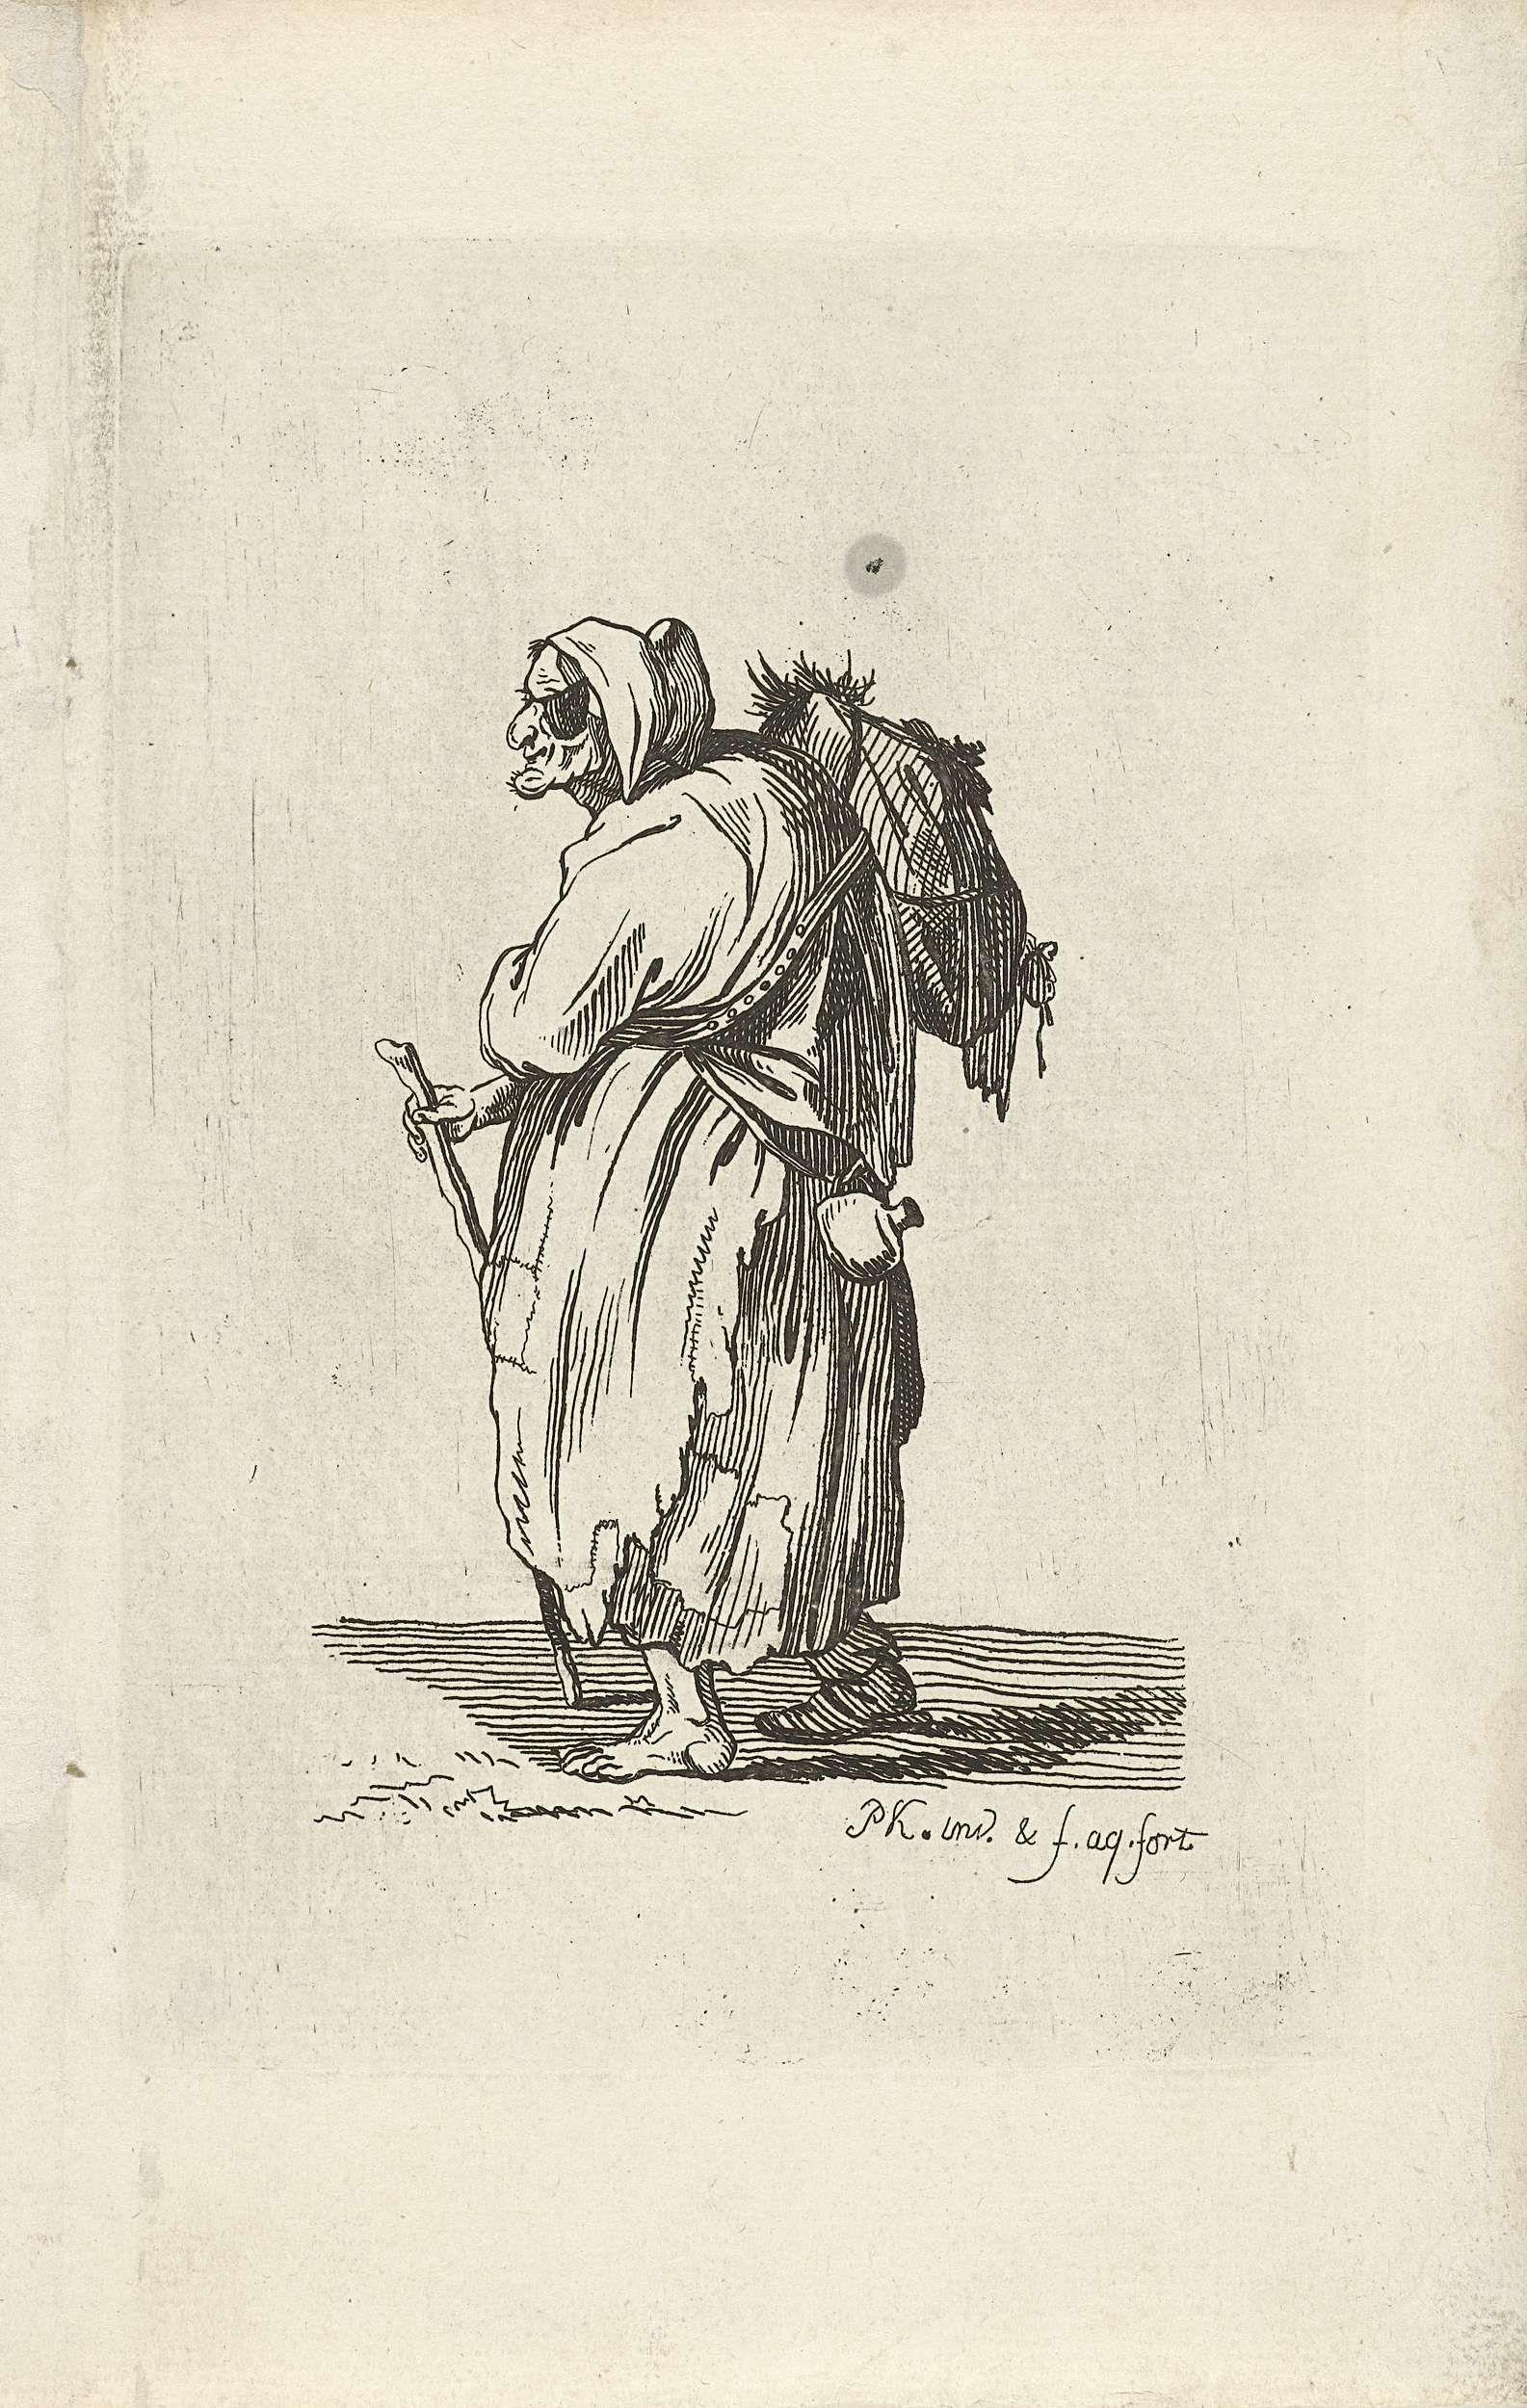 Pieter Kikkert | Landloopster, Pieter Kikkert, 1798 | Een landloopster met een oogklepje en een wandelstok loopt bepakt en bezakt naar links.